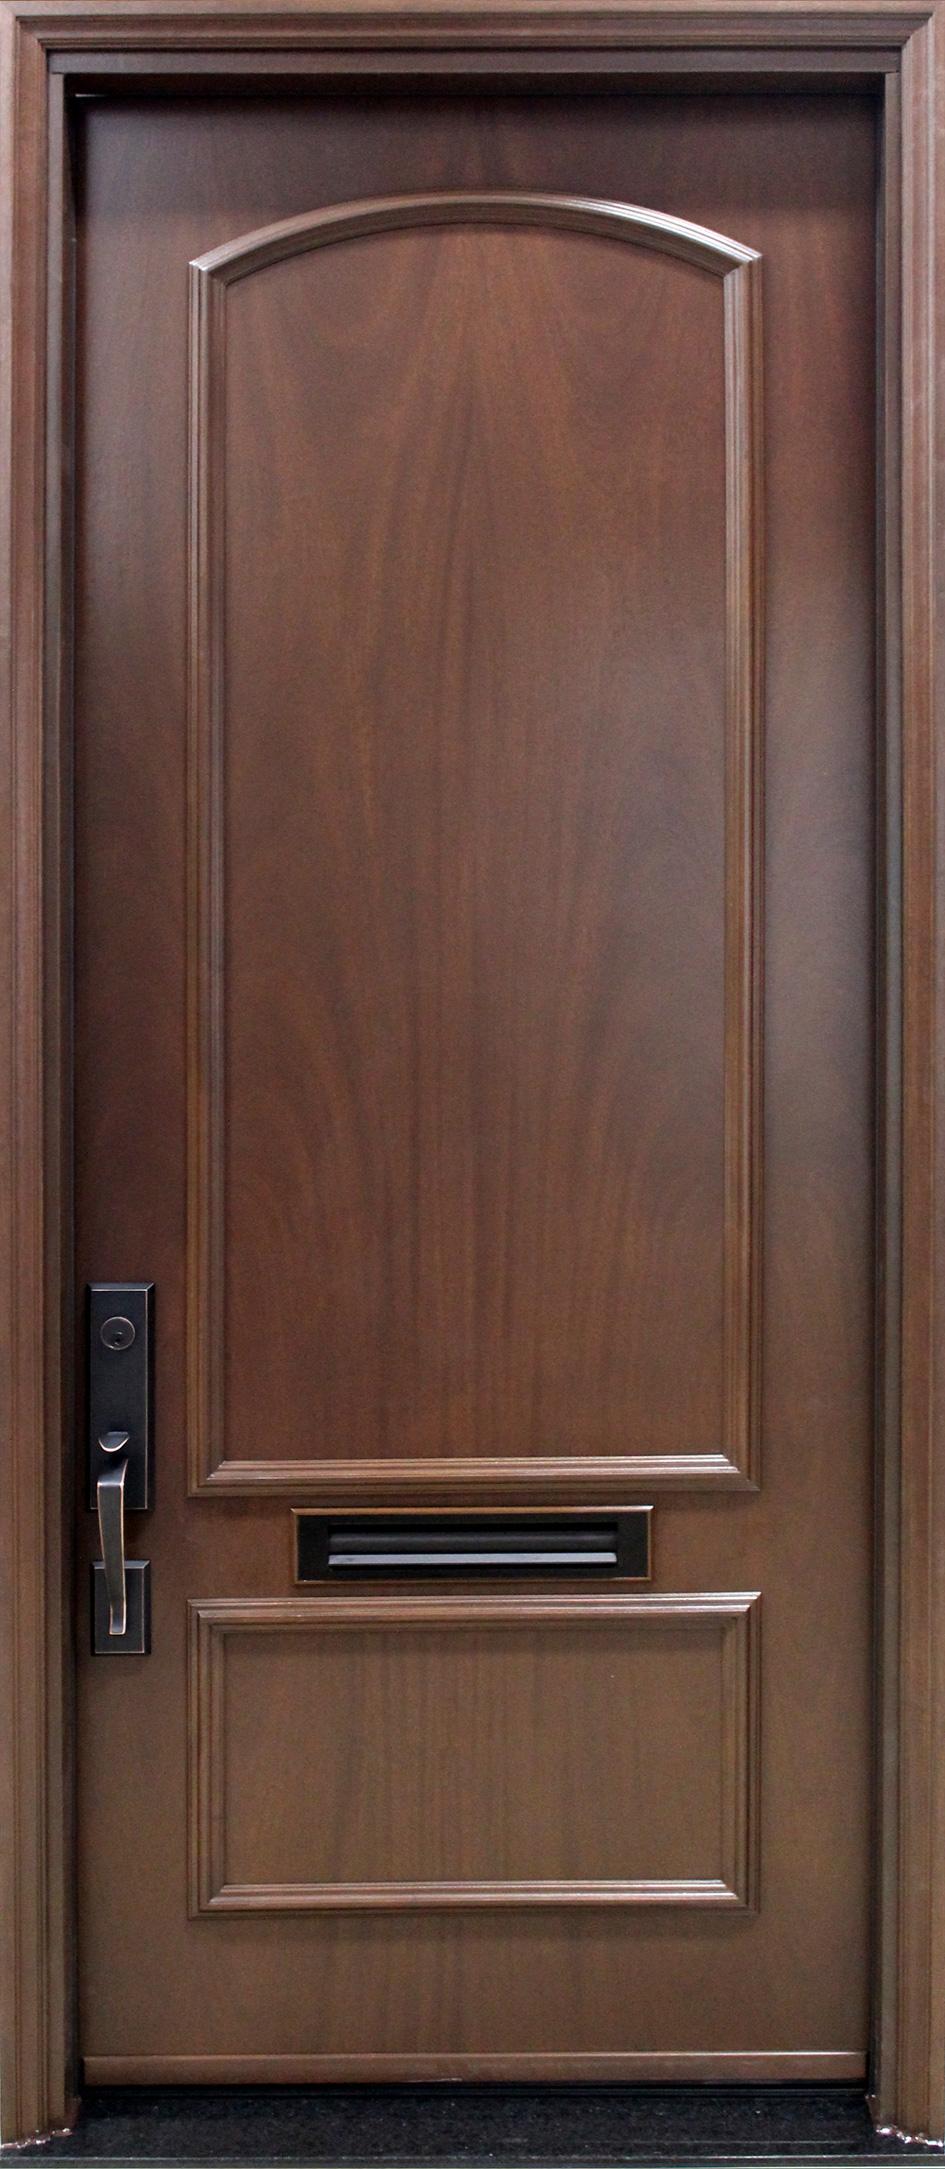 Porte acier bois panneaux d coratifs acajou for Porte de garage bois 2 vantaux sur mesure